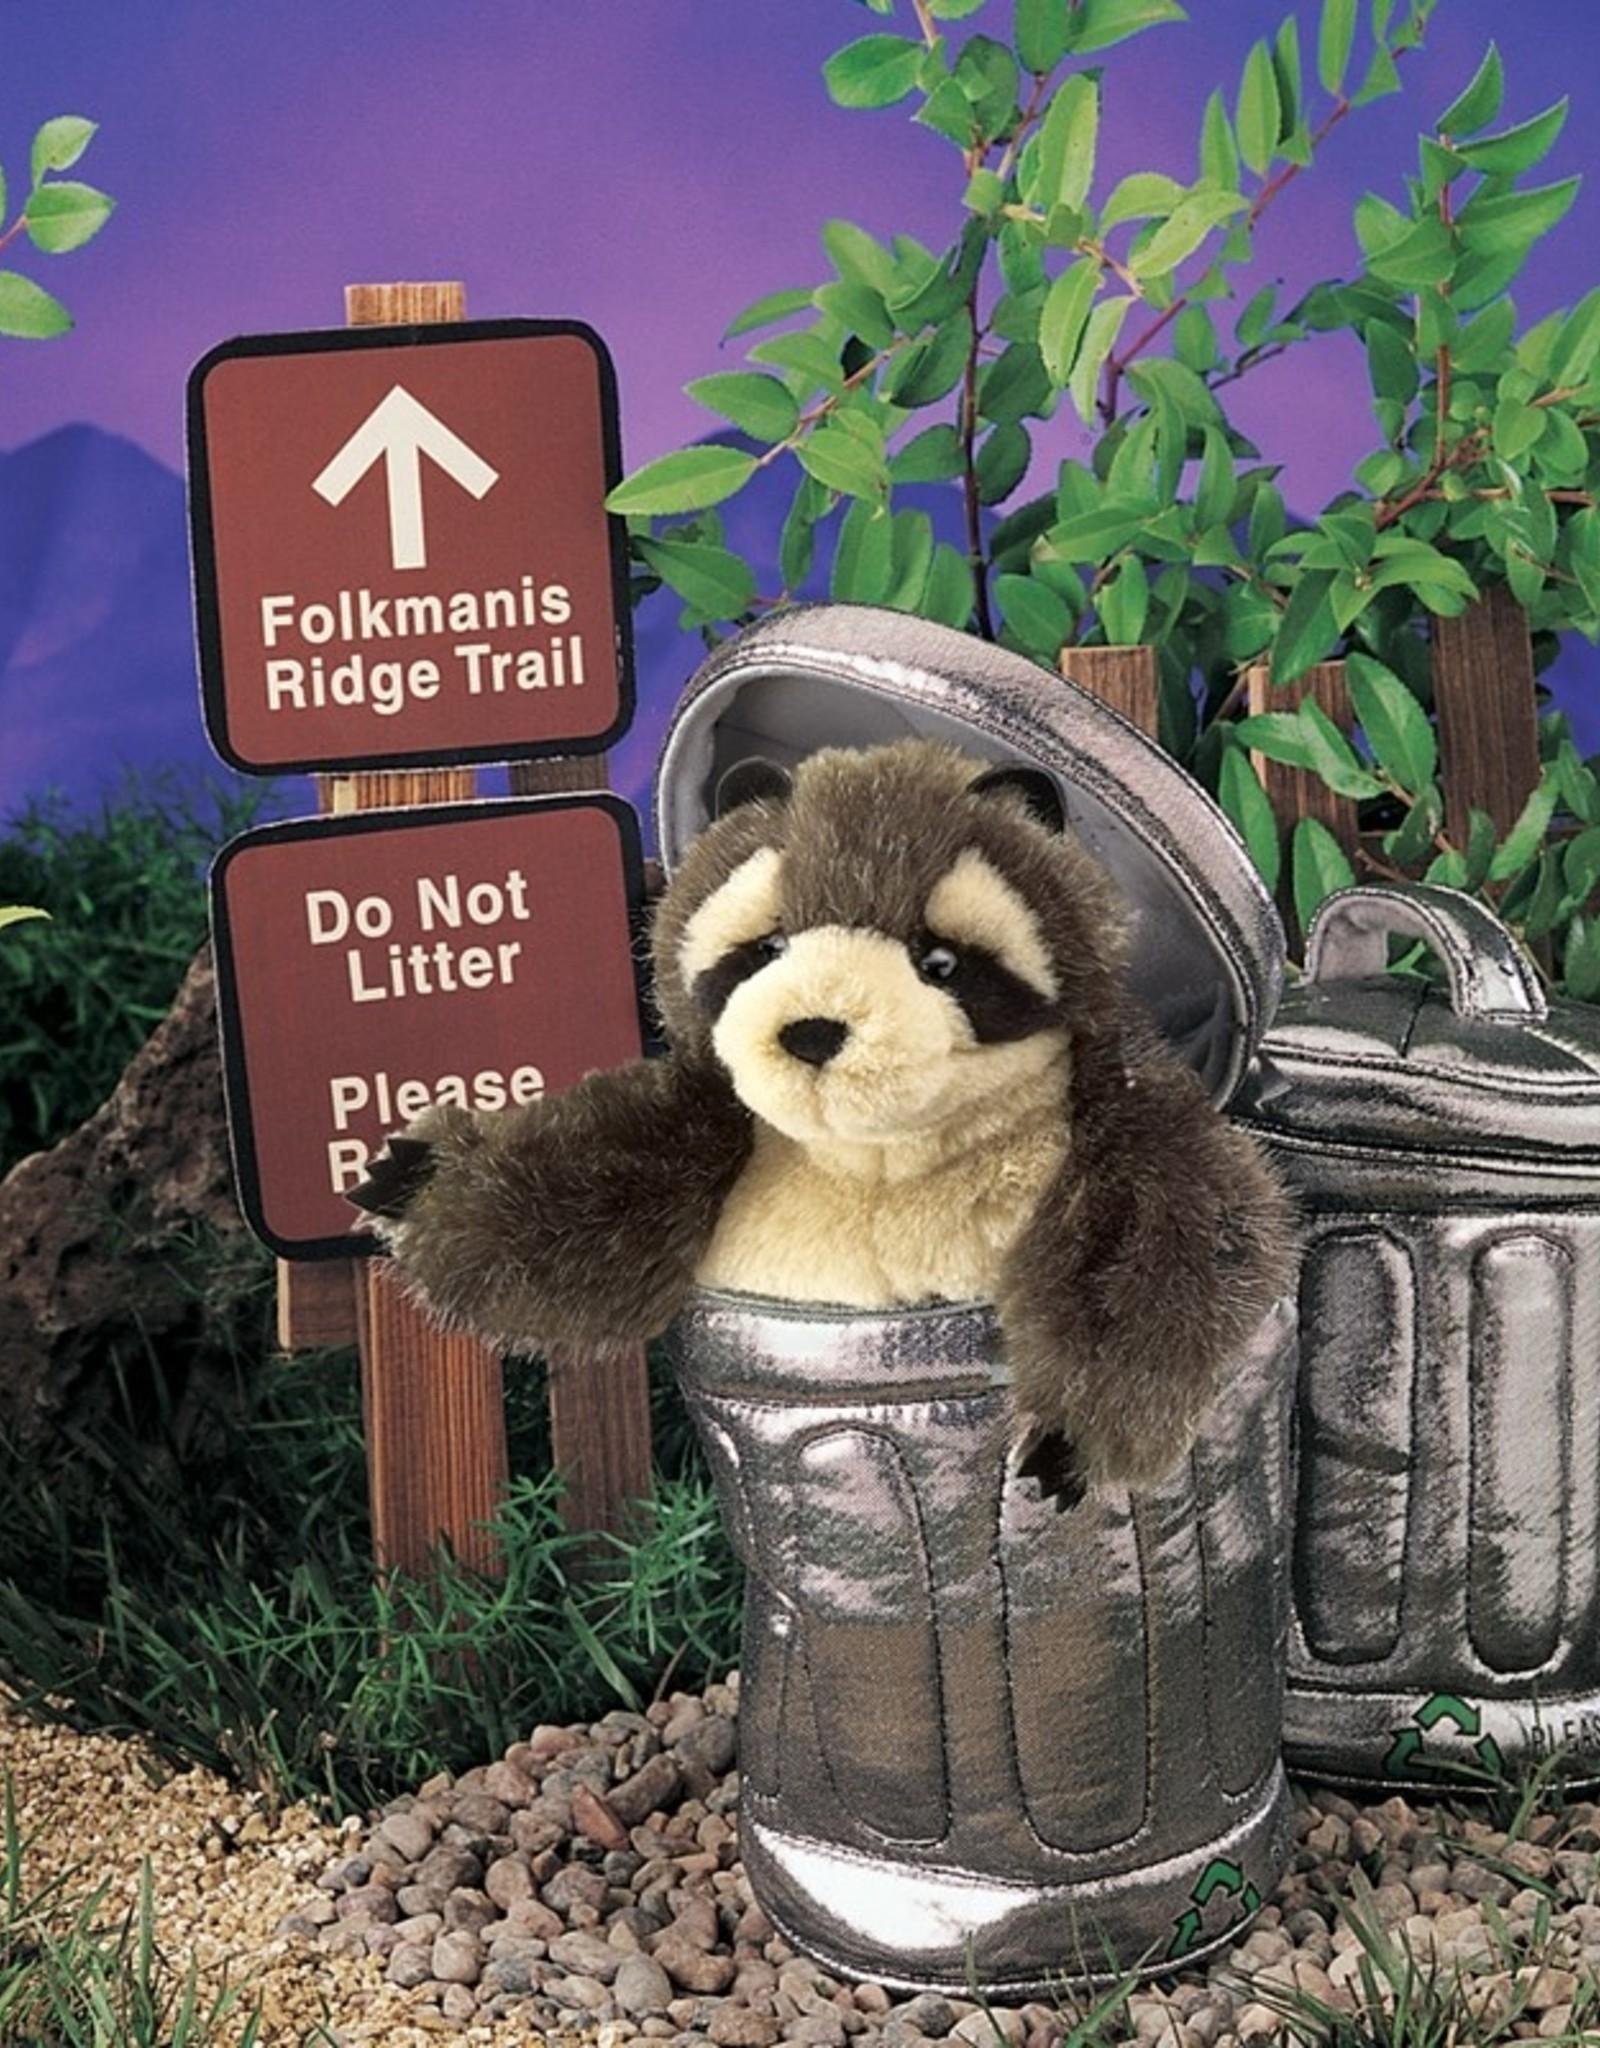 Folkmanis Marionnette Raton Laveur dans la poubelle